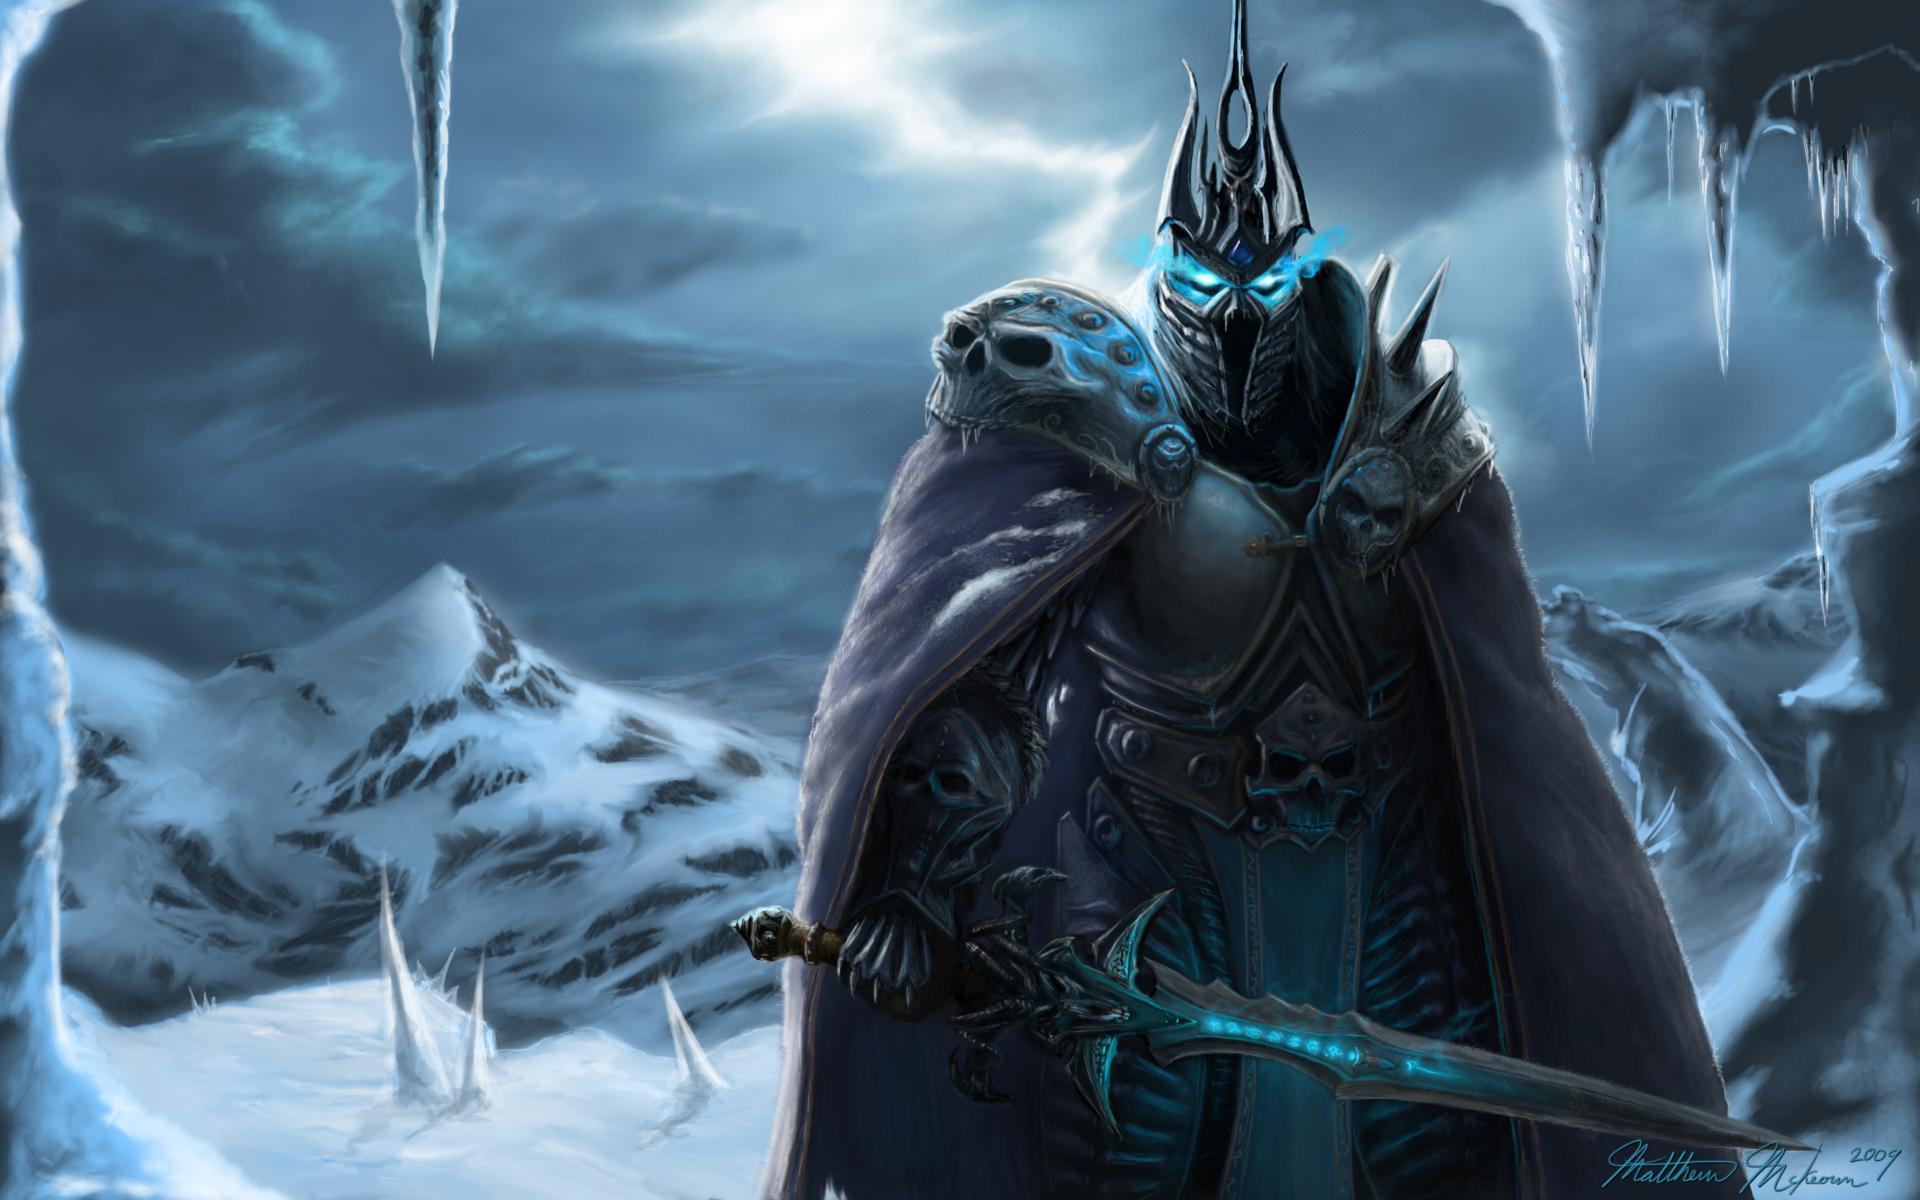 roronoa-zoro-avatar